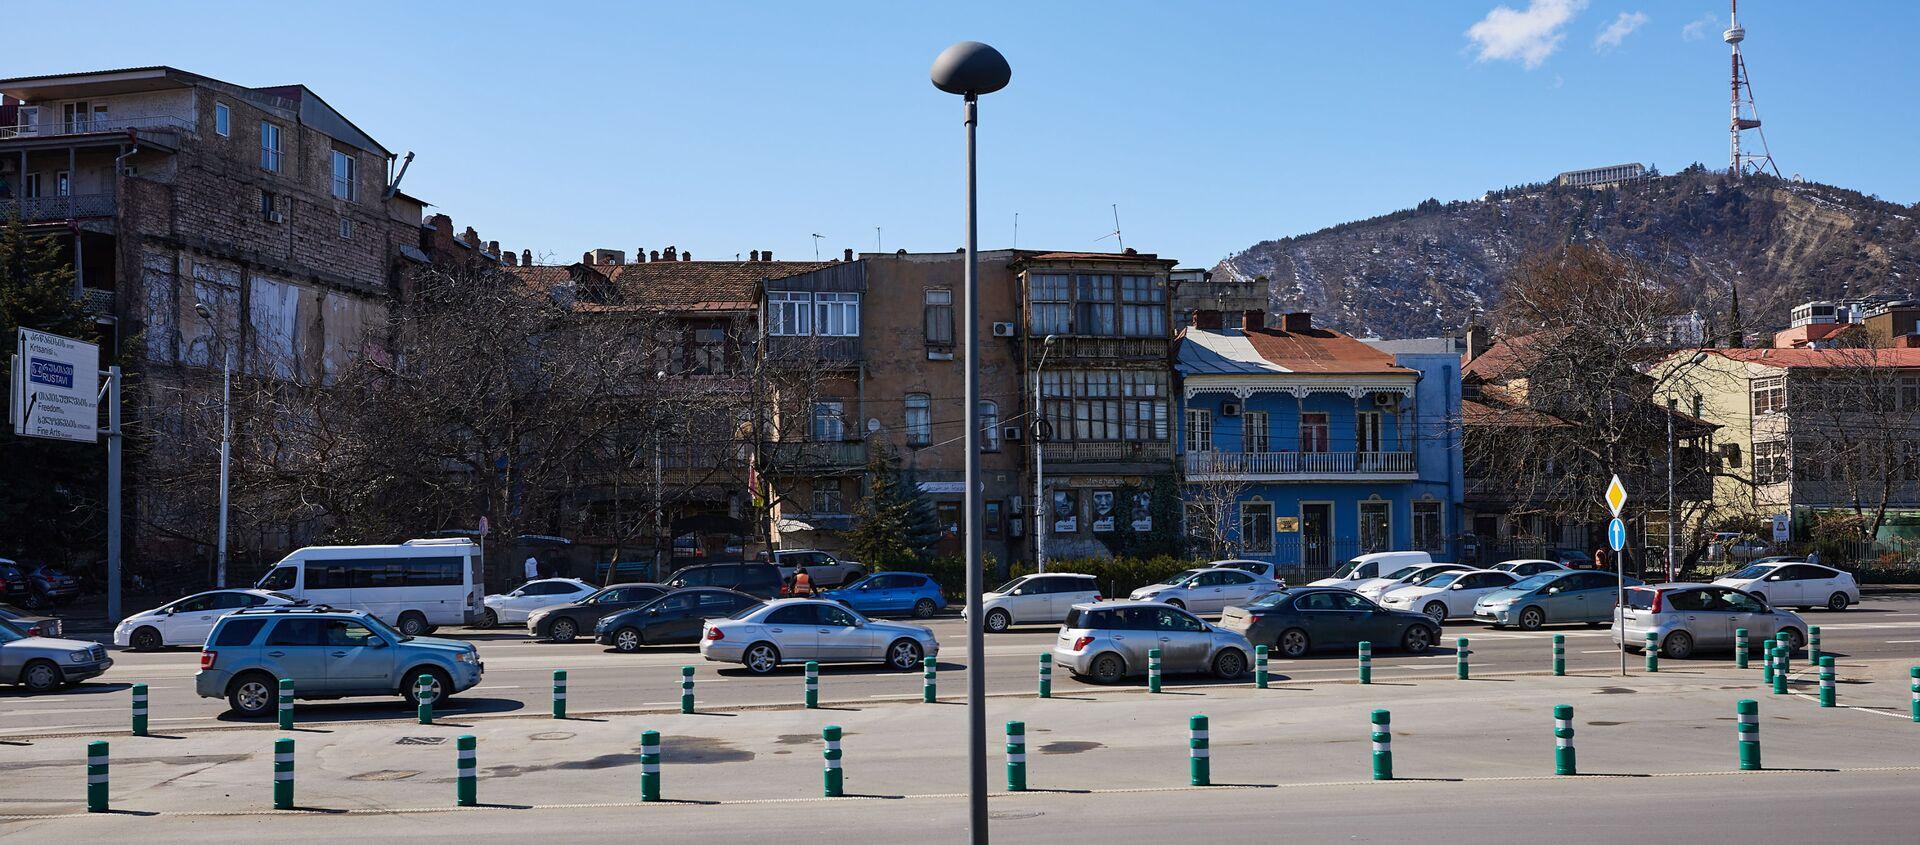 Вид на город Тбилиси в марте в солнечный день - Sputnik Грузия, 1920, 26.04.2021